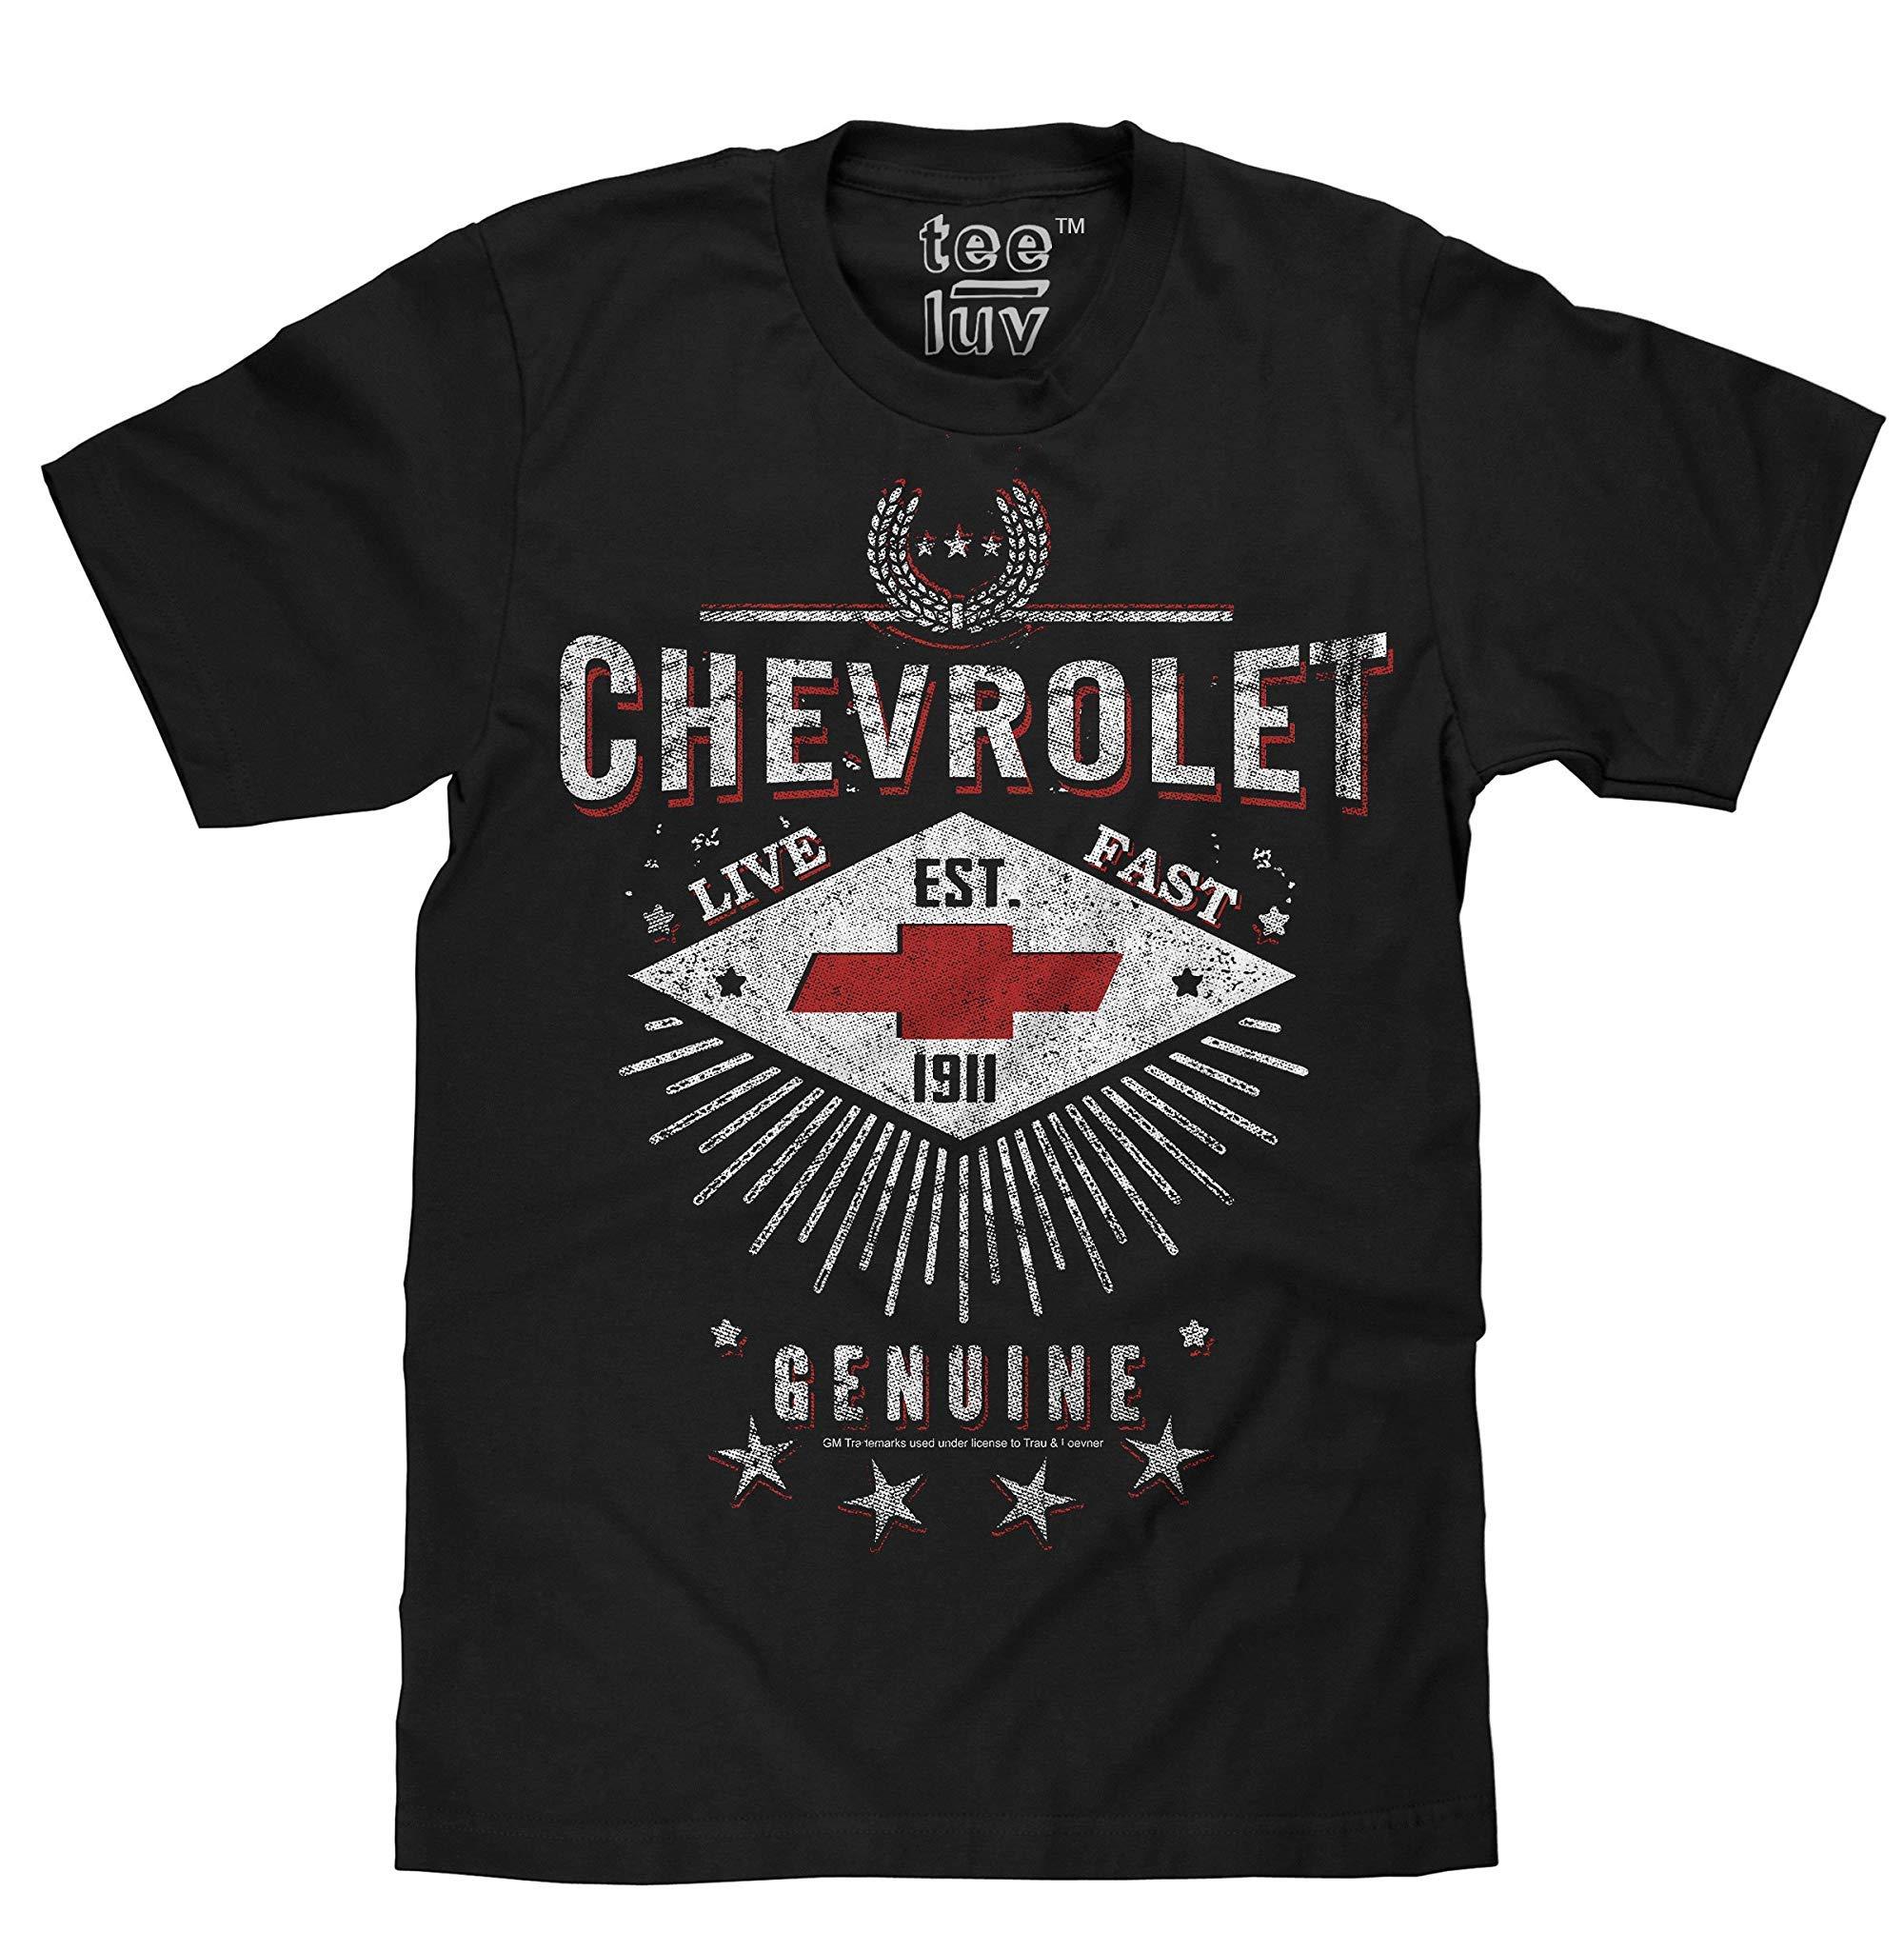 Chevrolet Tshirt Live Fast Chevy Shirt Black